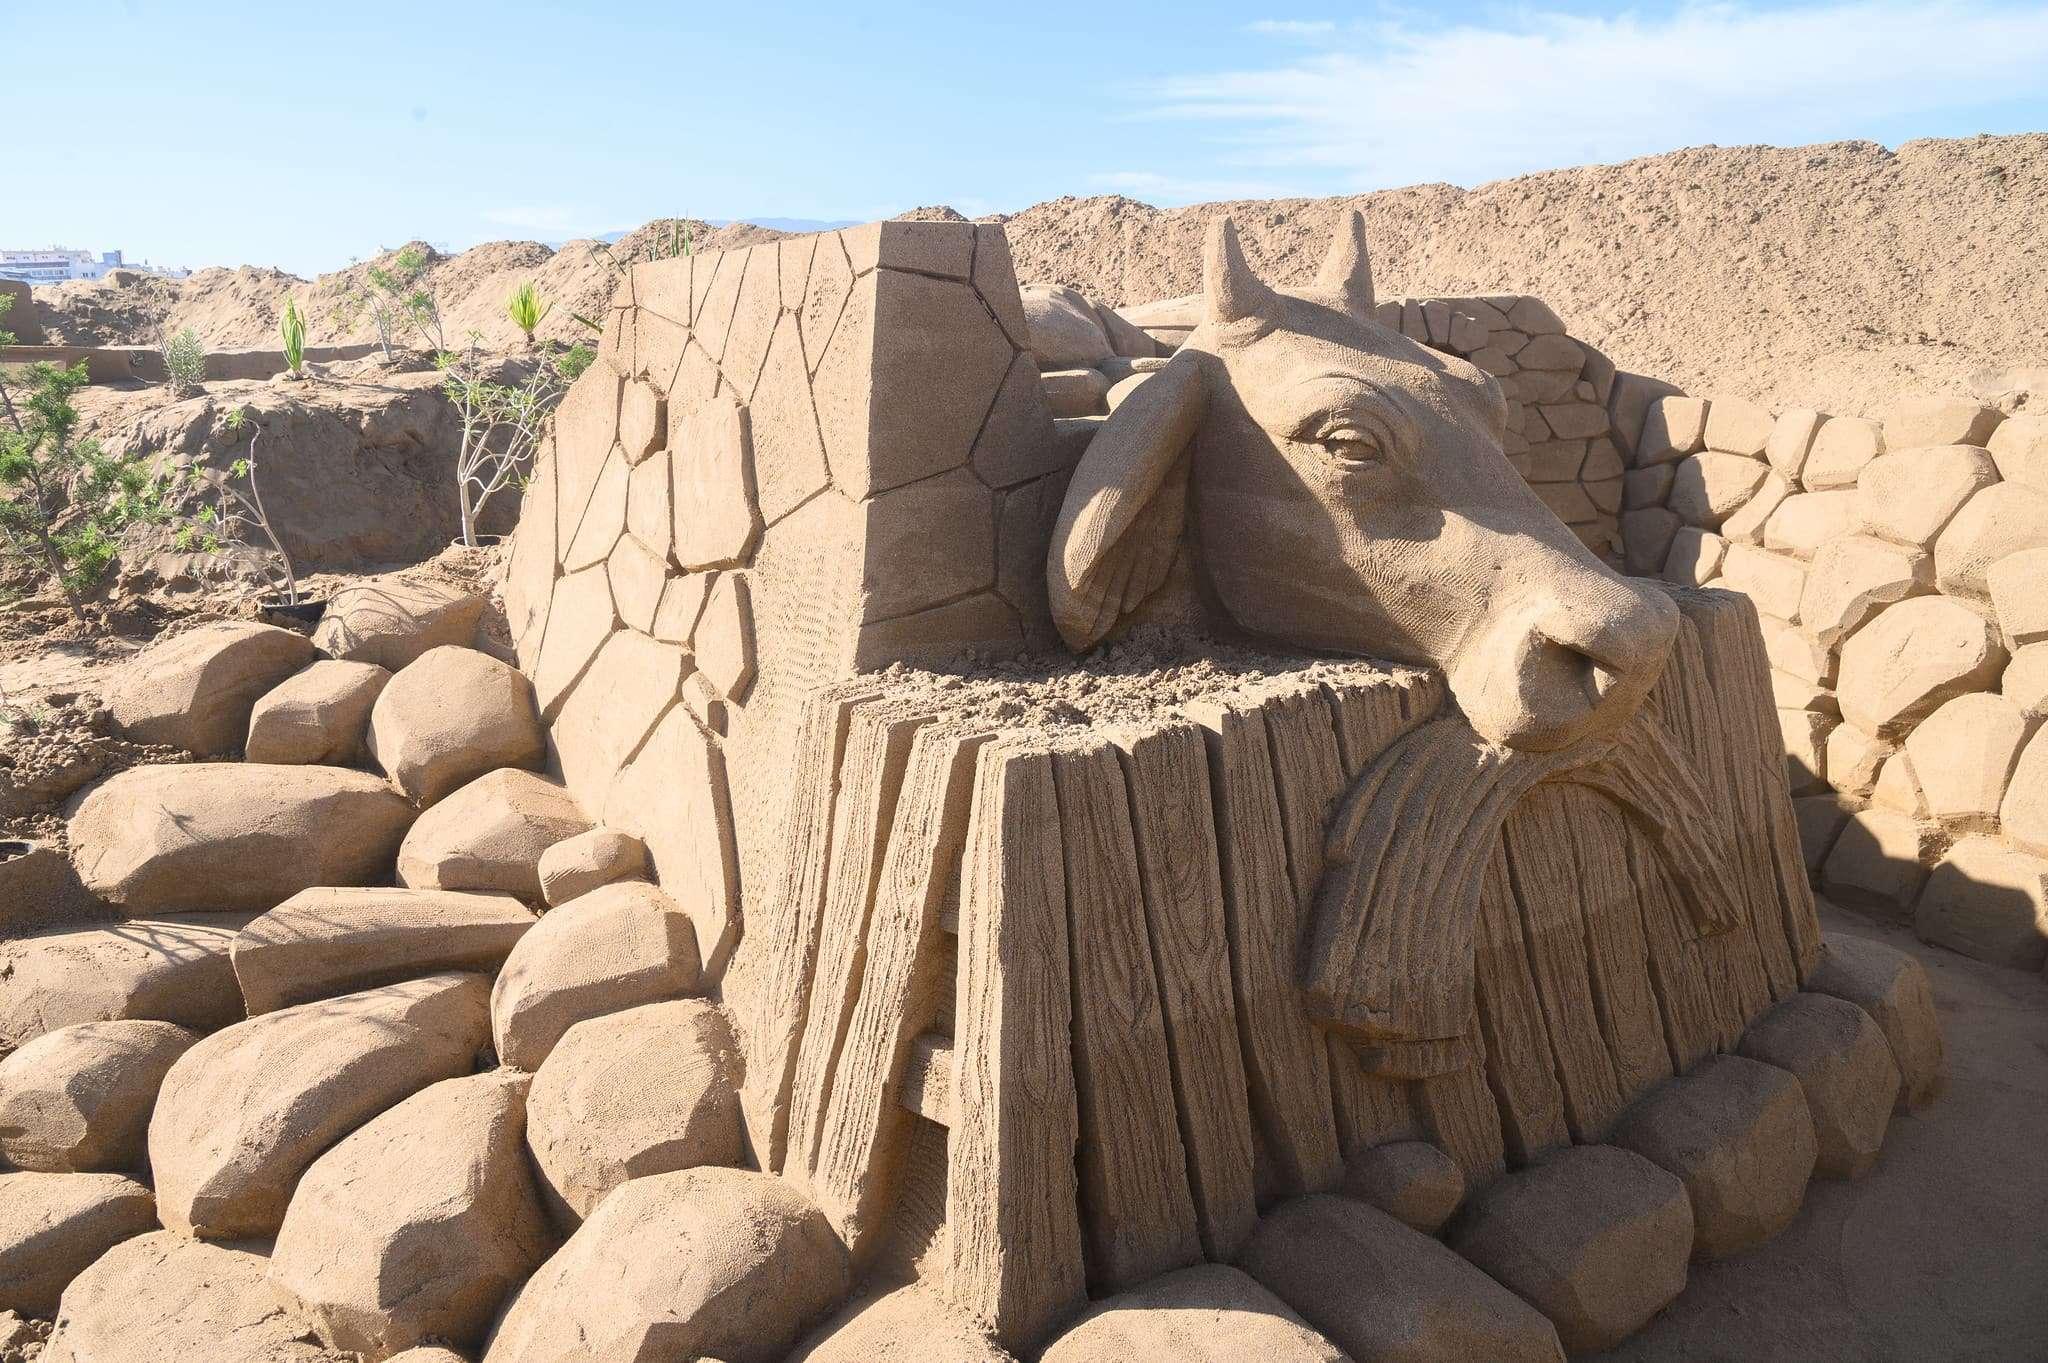 Un original Belén de arena para la navidad en Gran Canaria 77